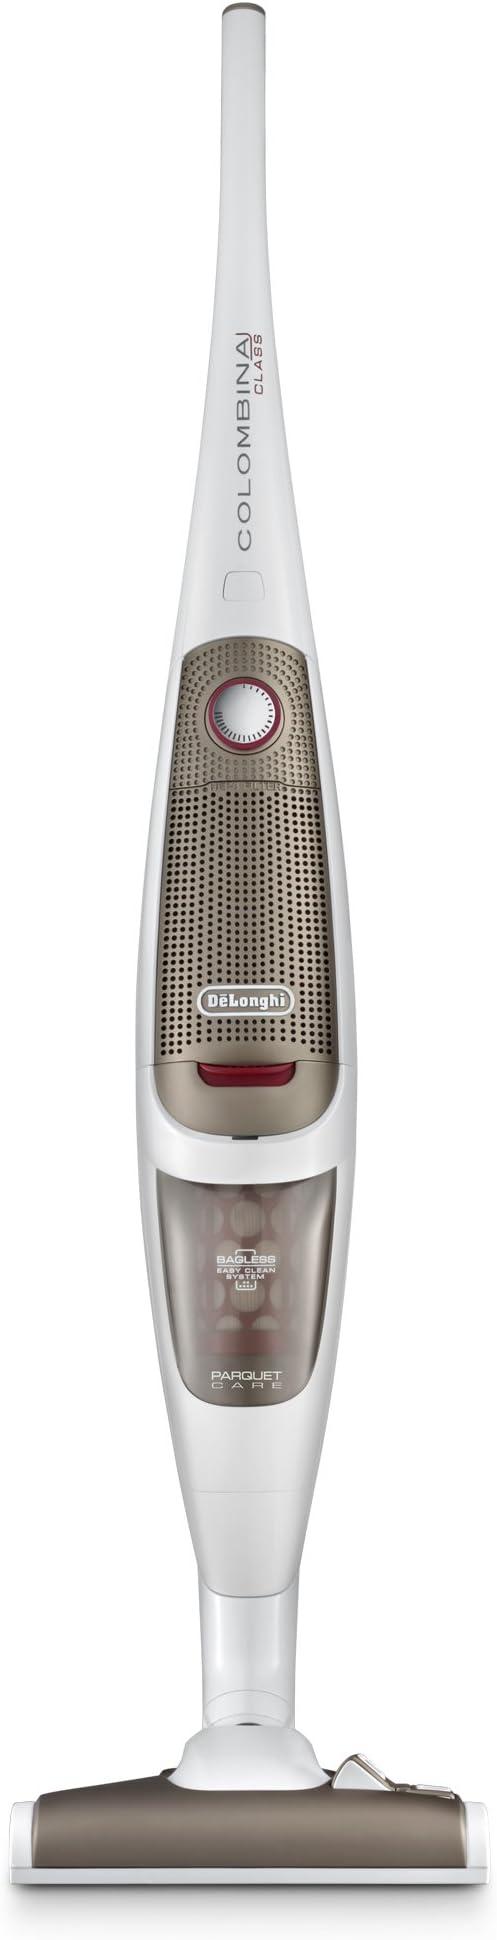 DeLonghi XL155.40 - Aspiradora vertical, 900 W, 26 kWh, color blanco: Amazon.es: Hogar